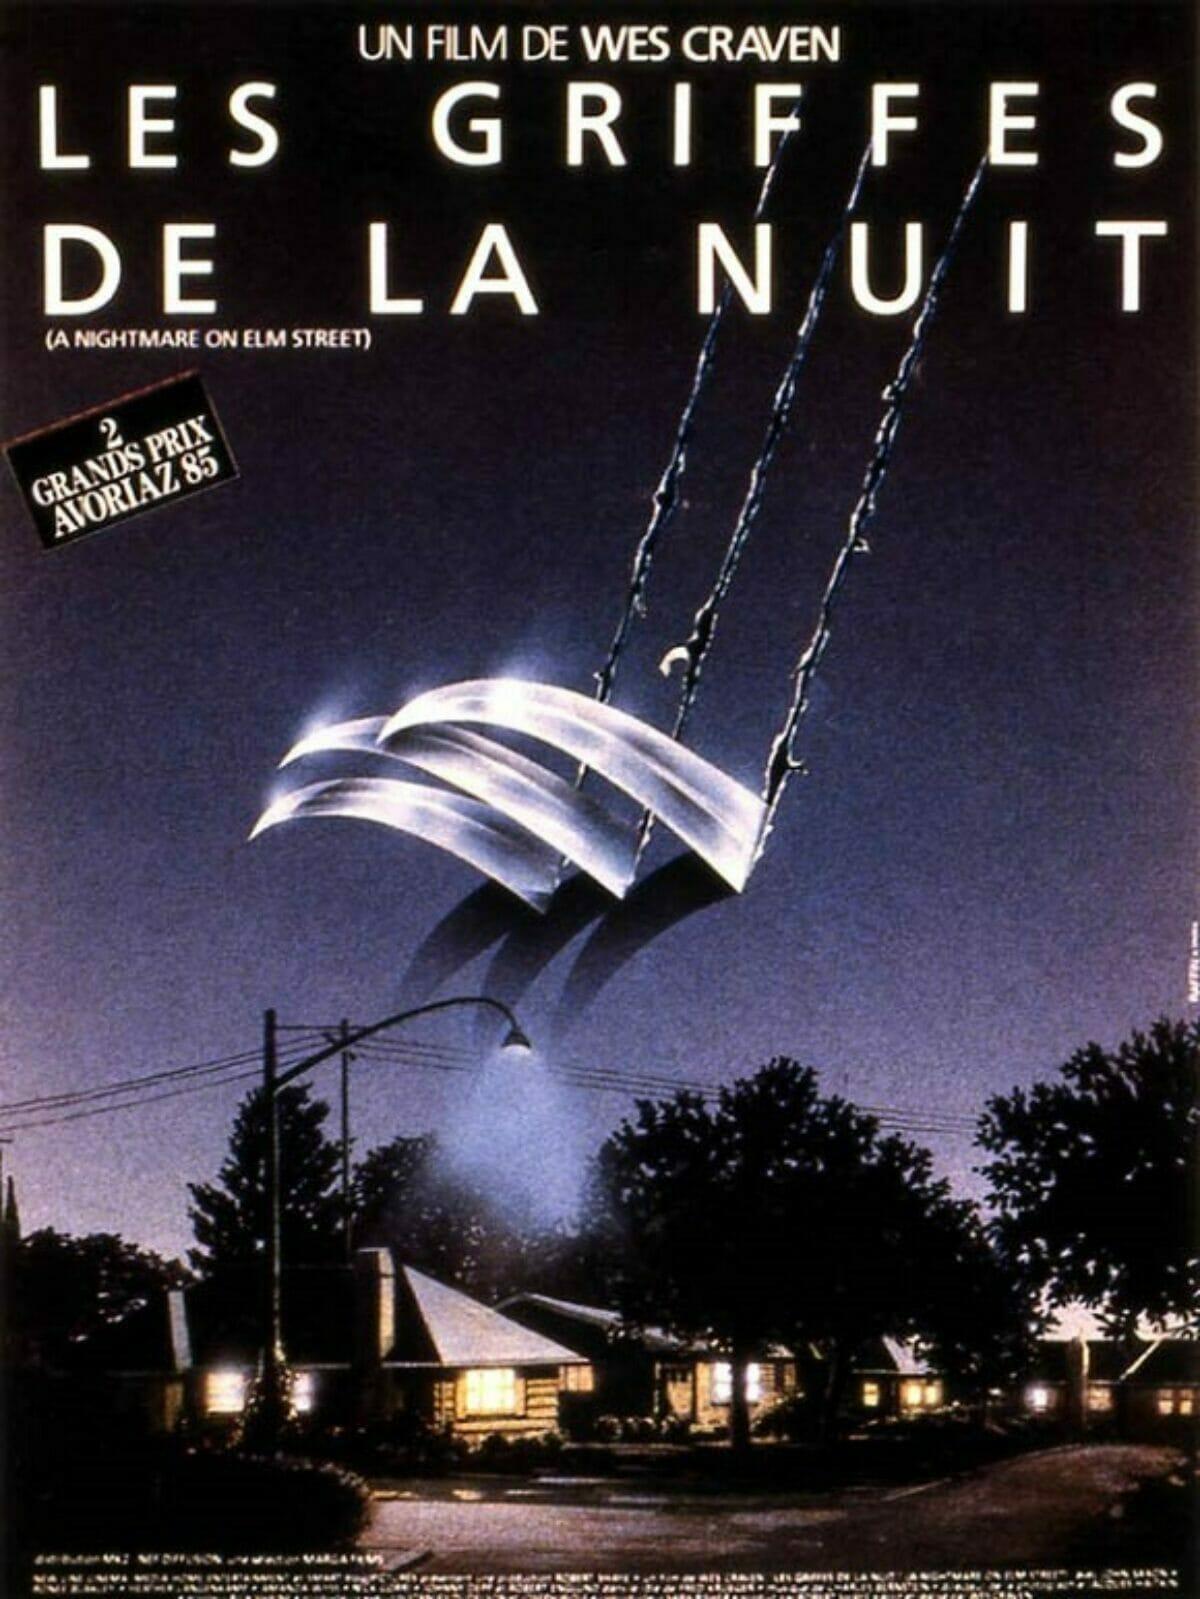 Les-griffes-de-la-nuit-Nightmare-on-Elm-Street-poster